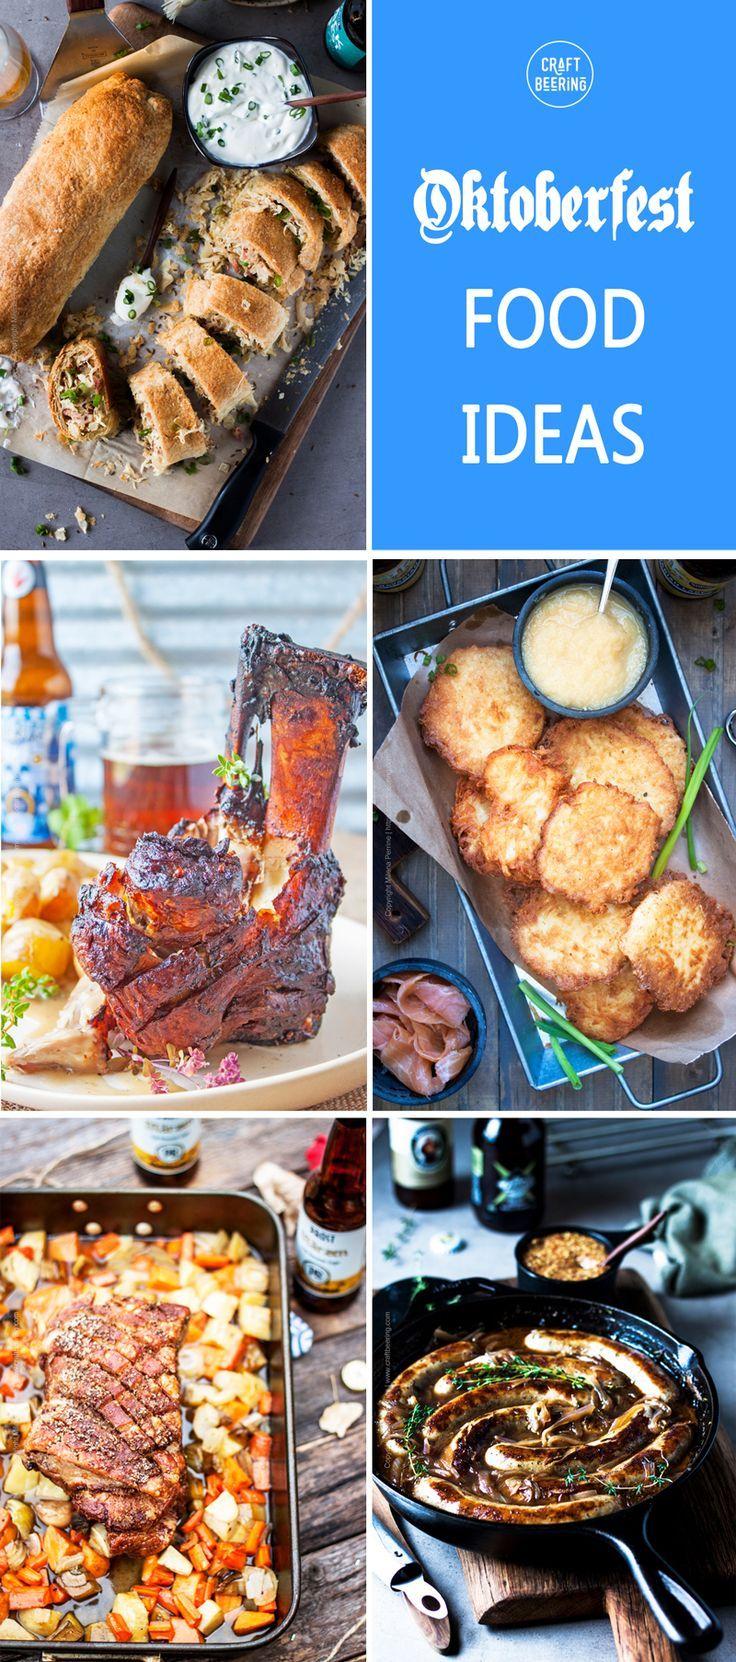 Oktoberfest Food Ideas – Oktoberfest-Rezepte und Party-Ideen – #Food #Ideas #Okto … – Oktoberfest: Es kommt!